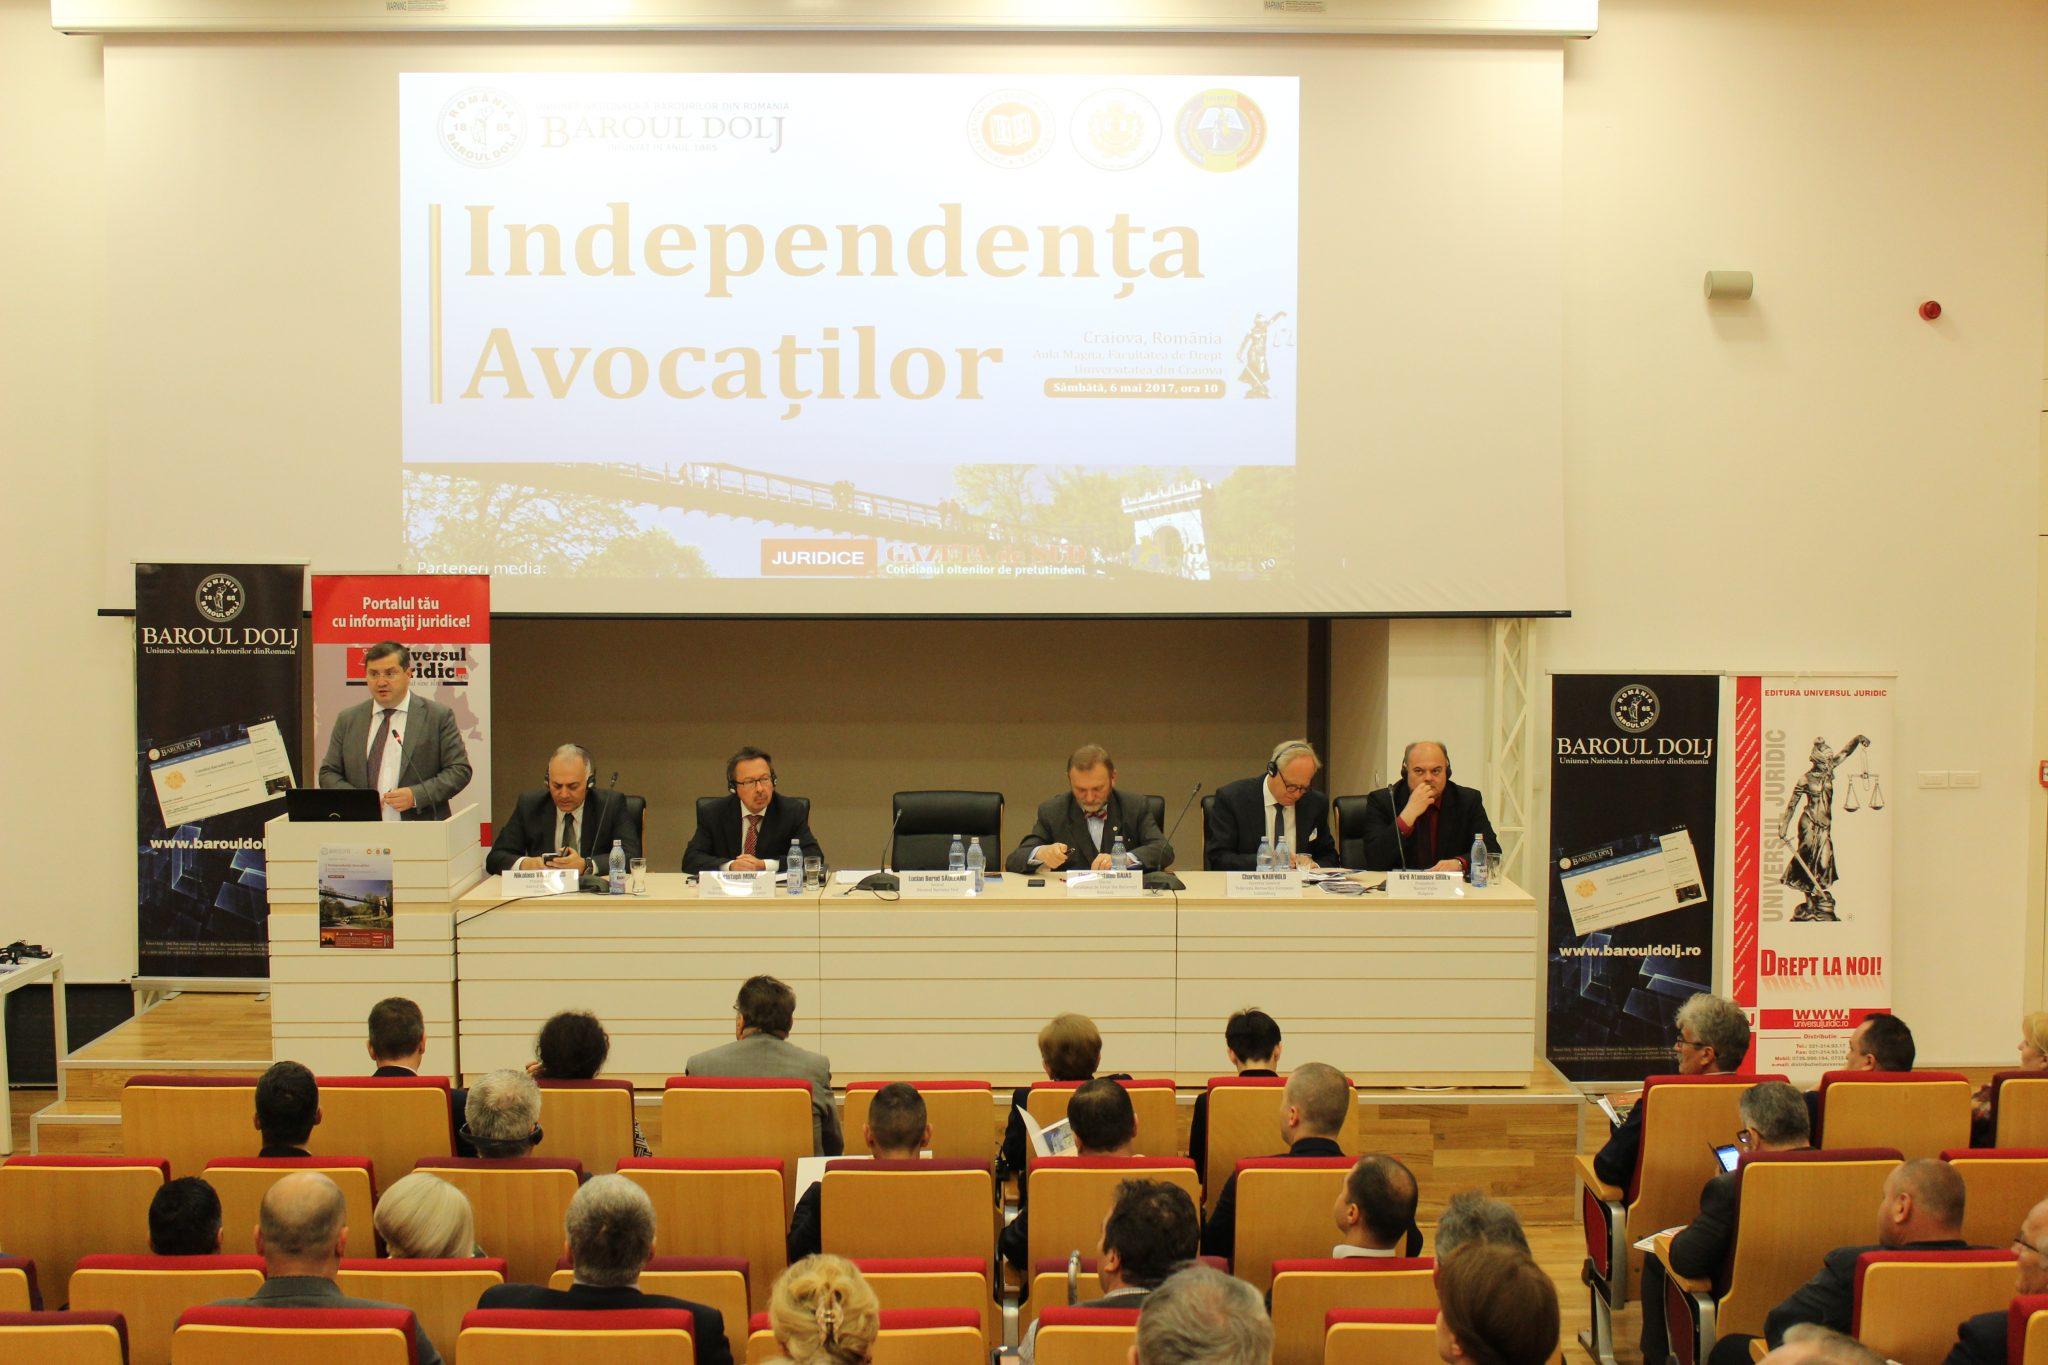 Reprezentanţii Barourilor de Est din cadrul Federaţiei Barourilor din Europa s-au întrunit la Craiova